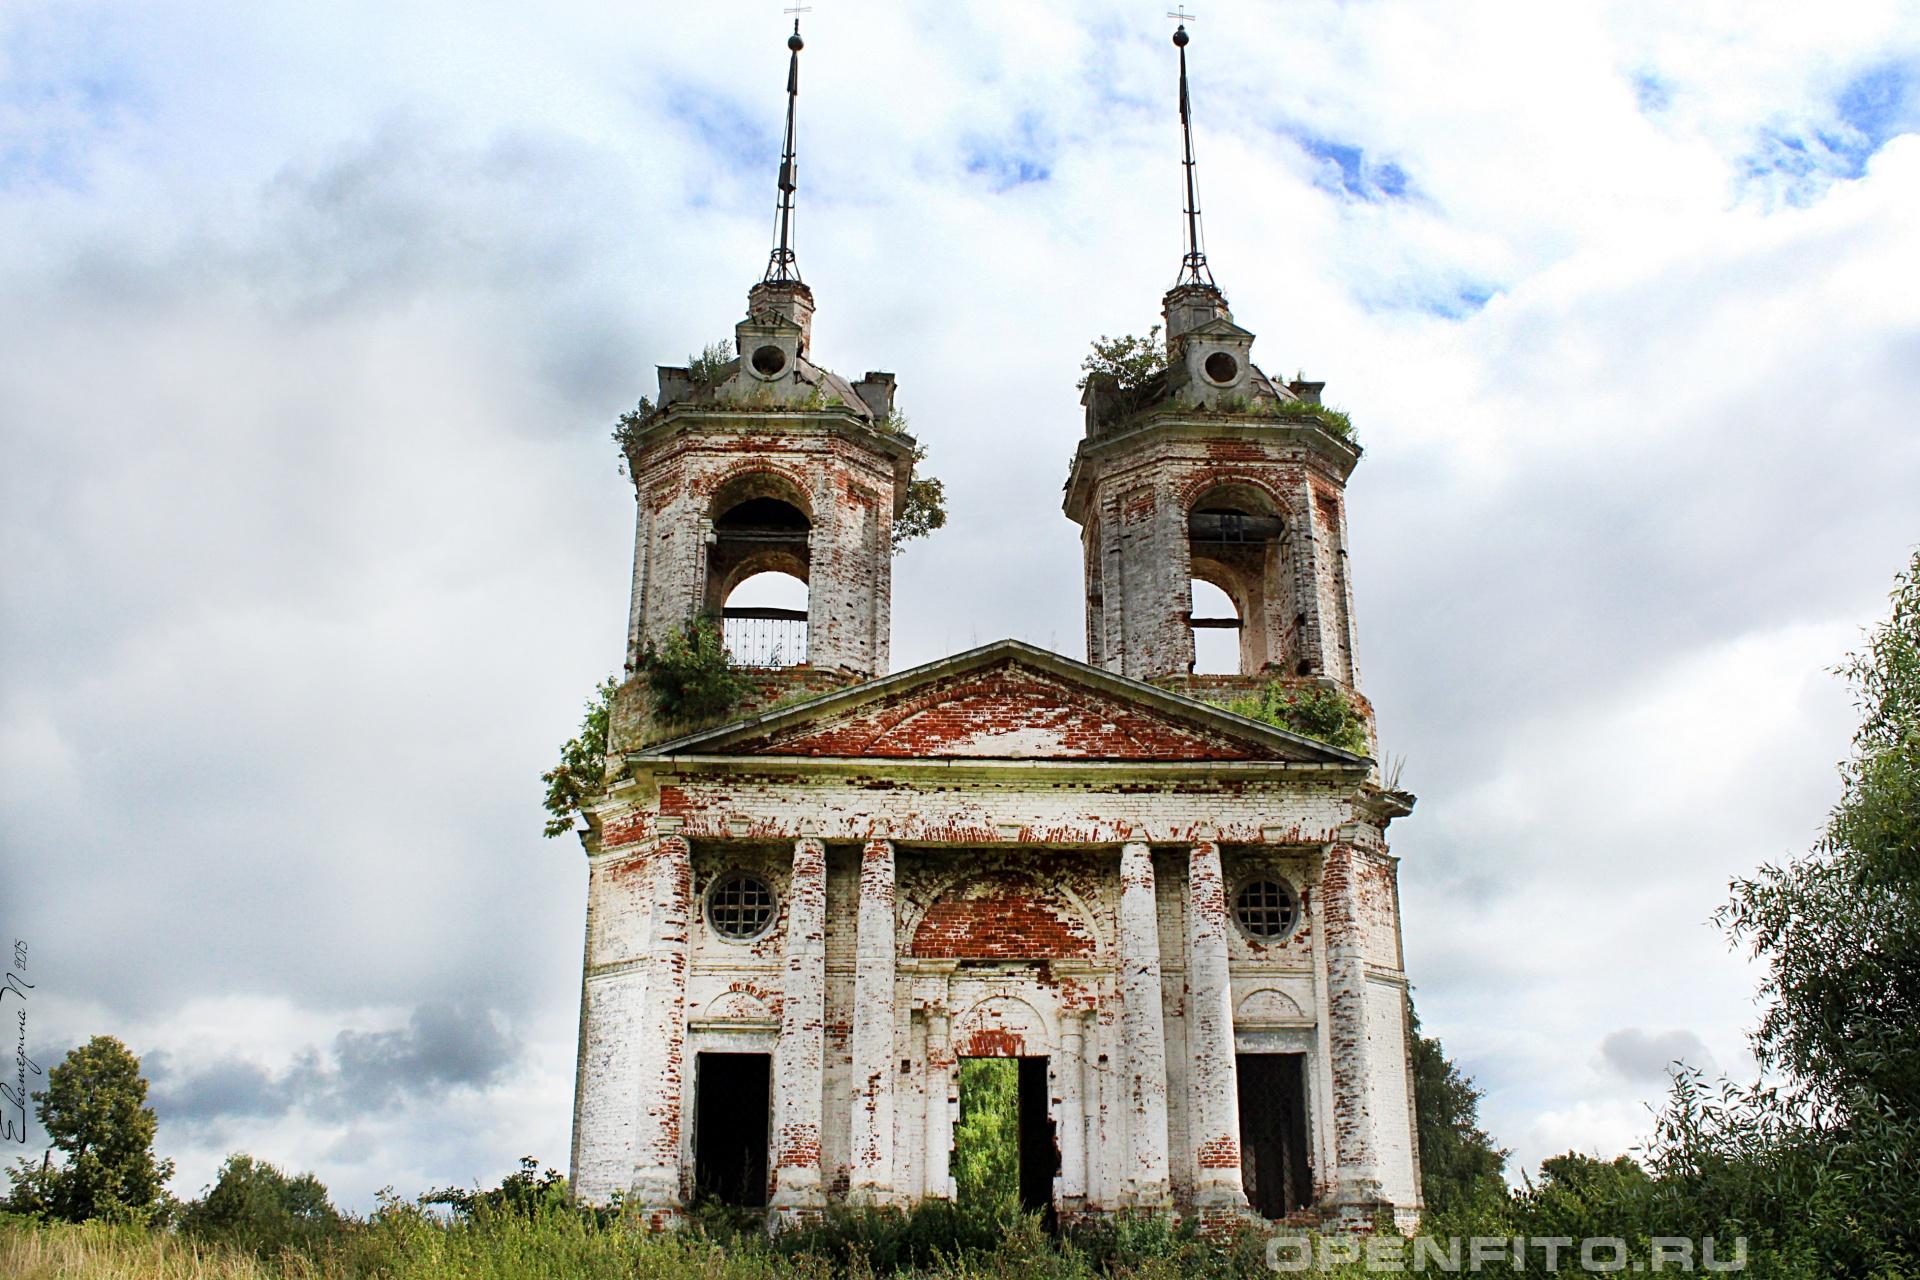 Церковь Покрова Пресвятой Богородицы Ивановская область, Фурмановский район, село Погост